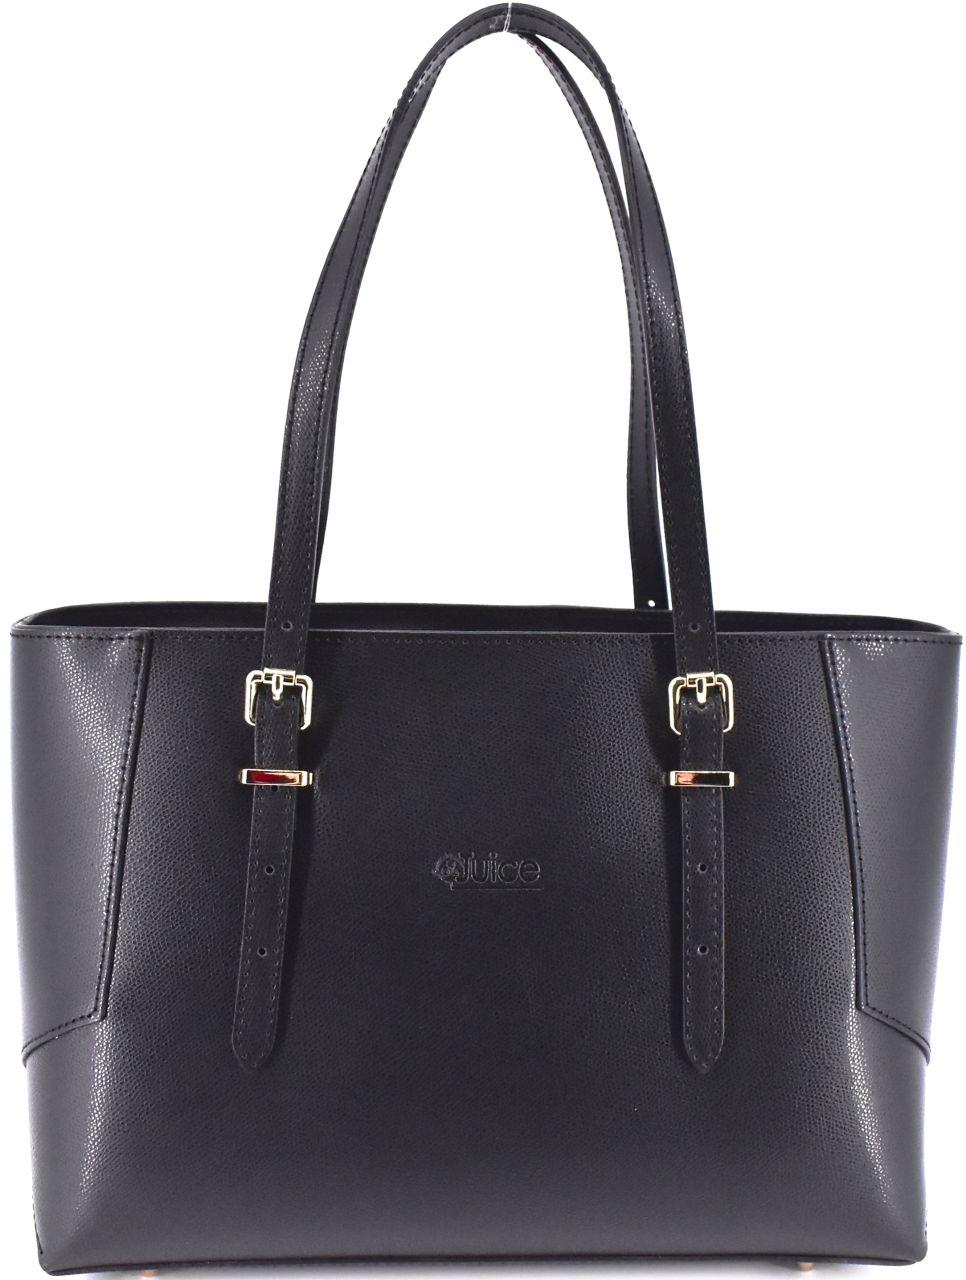 Dámská kožená kabelka Juice - černá 112304